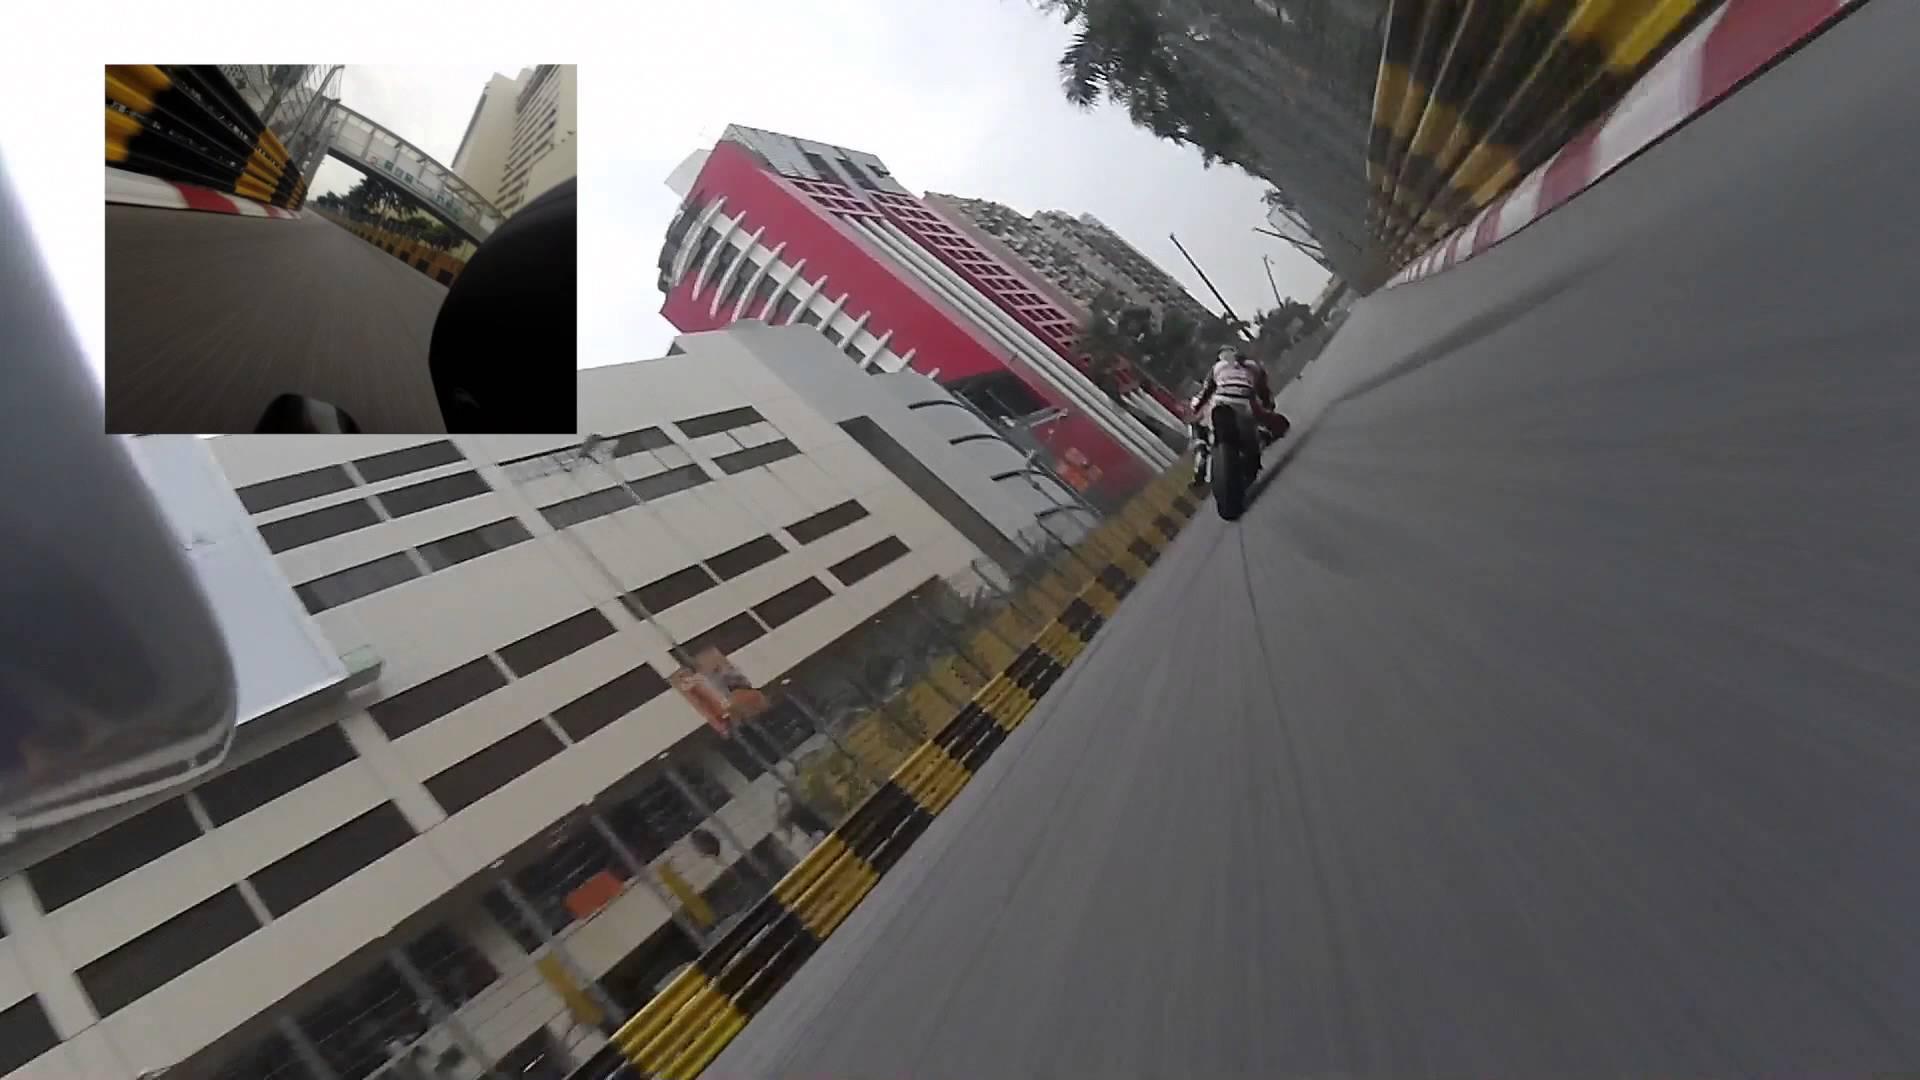 迫り来る壁の恐怖! バイクレースマカオGPのレーサー視点映像